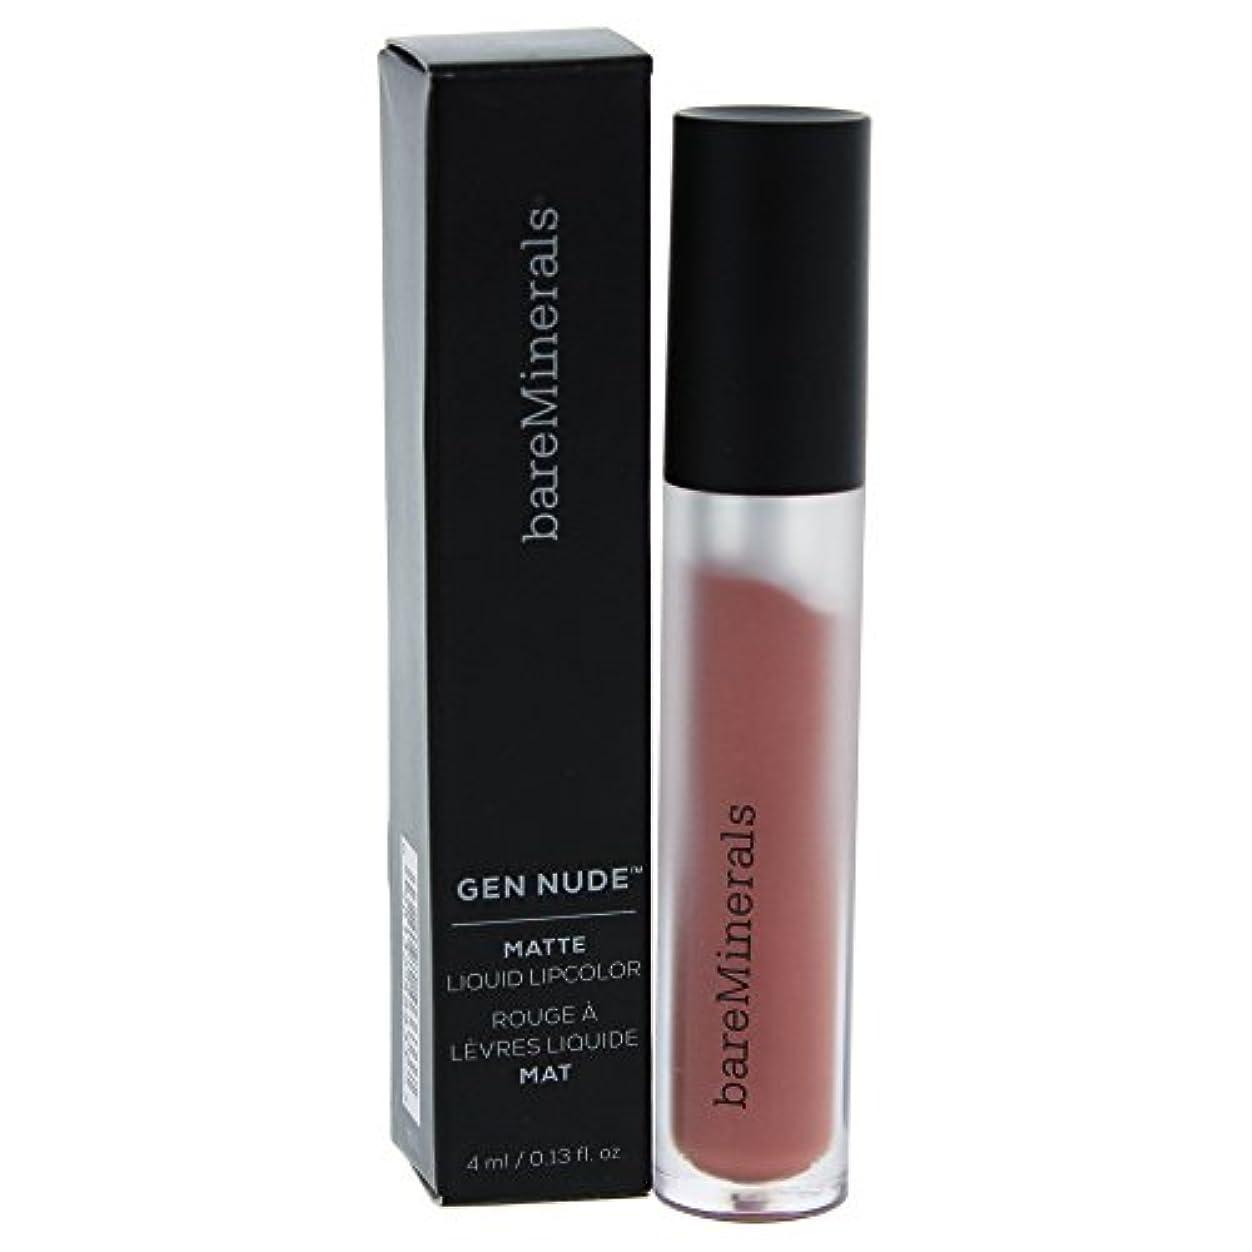 広い不条理アクティビティベアミネラル Gen Nude Matte Liquid Lipcolor - Infamous 4ml/0.13oz並行輸入品